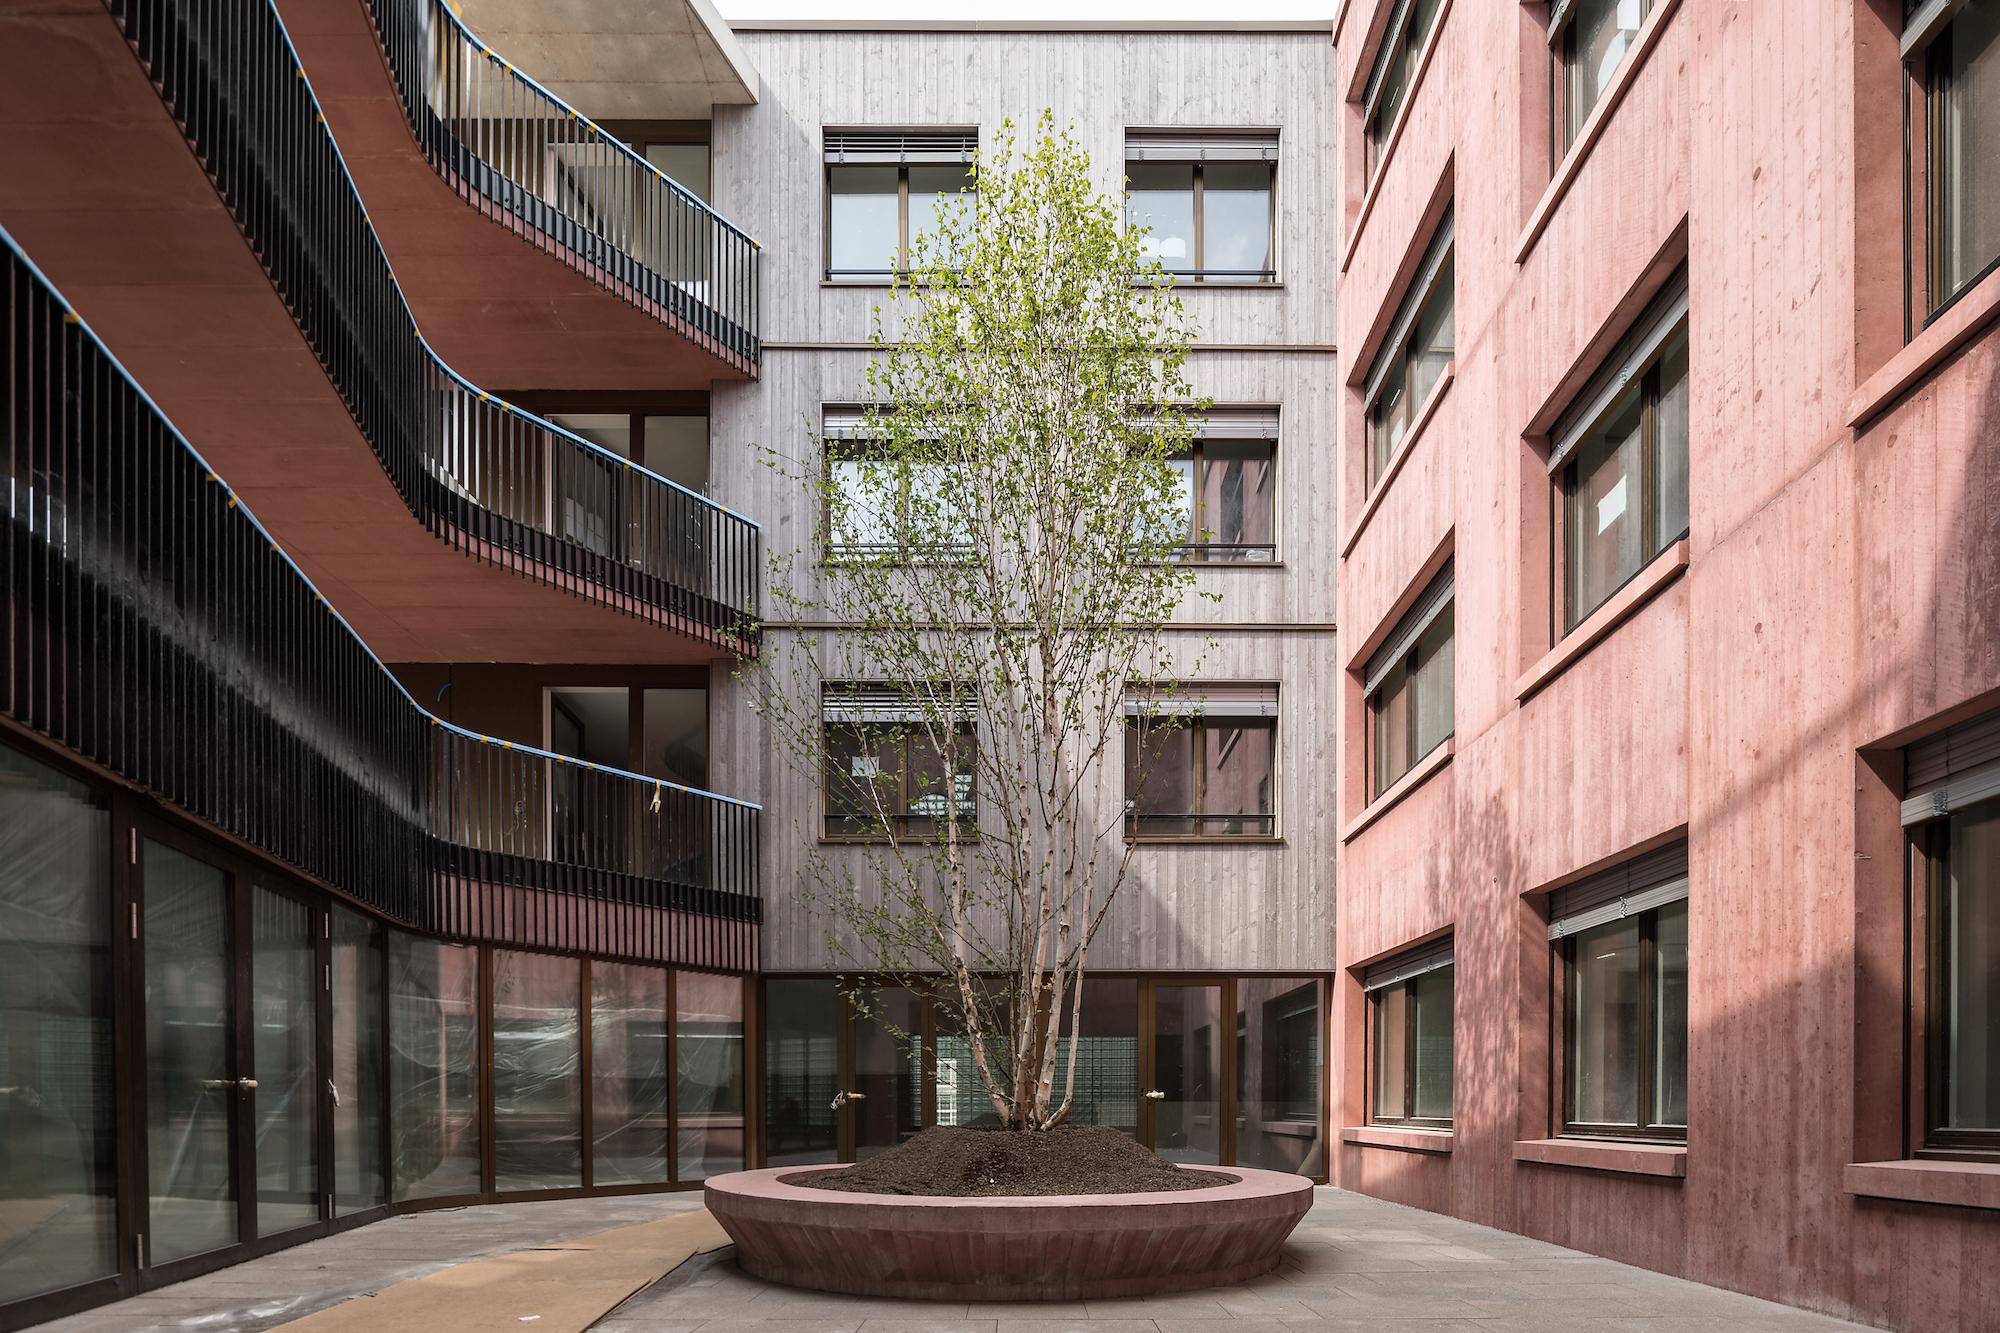 Innenhof des neuen Hauses der Galli Rudolf Architekten.